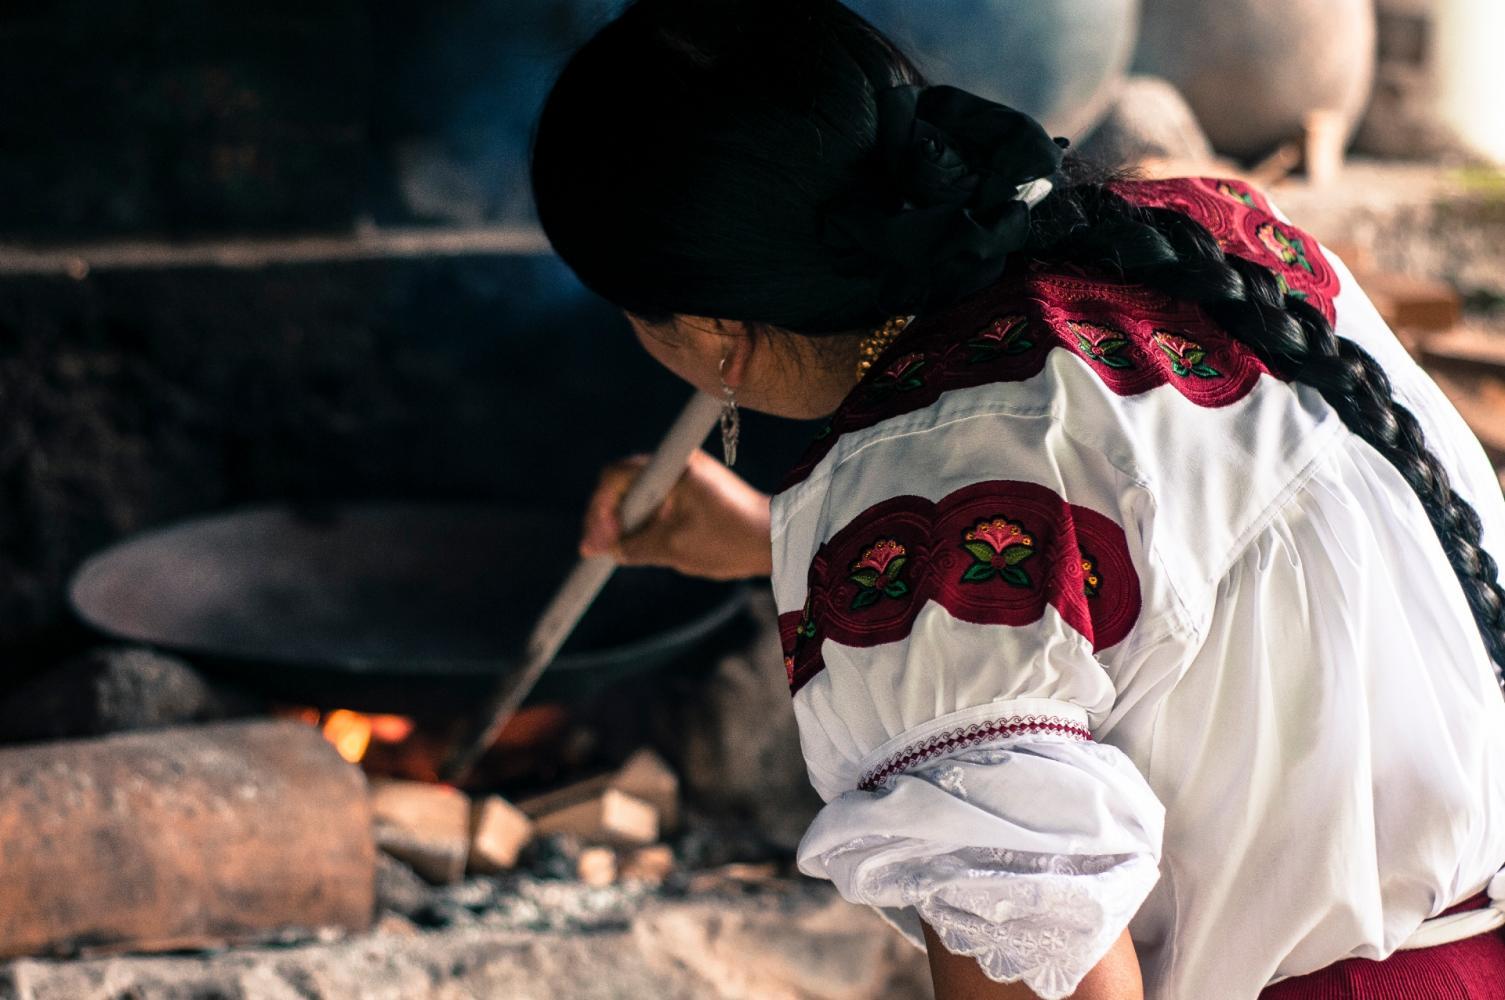 san clemente tourisme communautaire tortilla